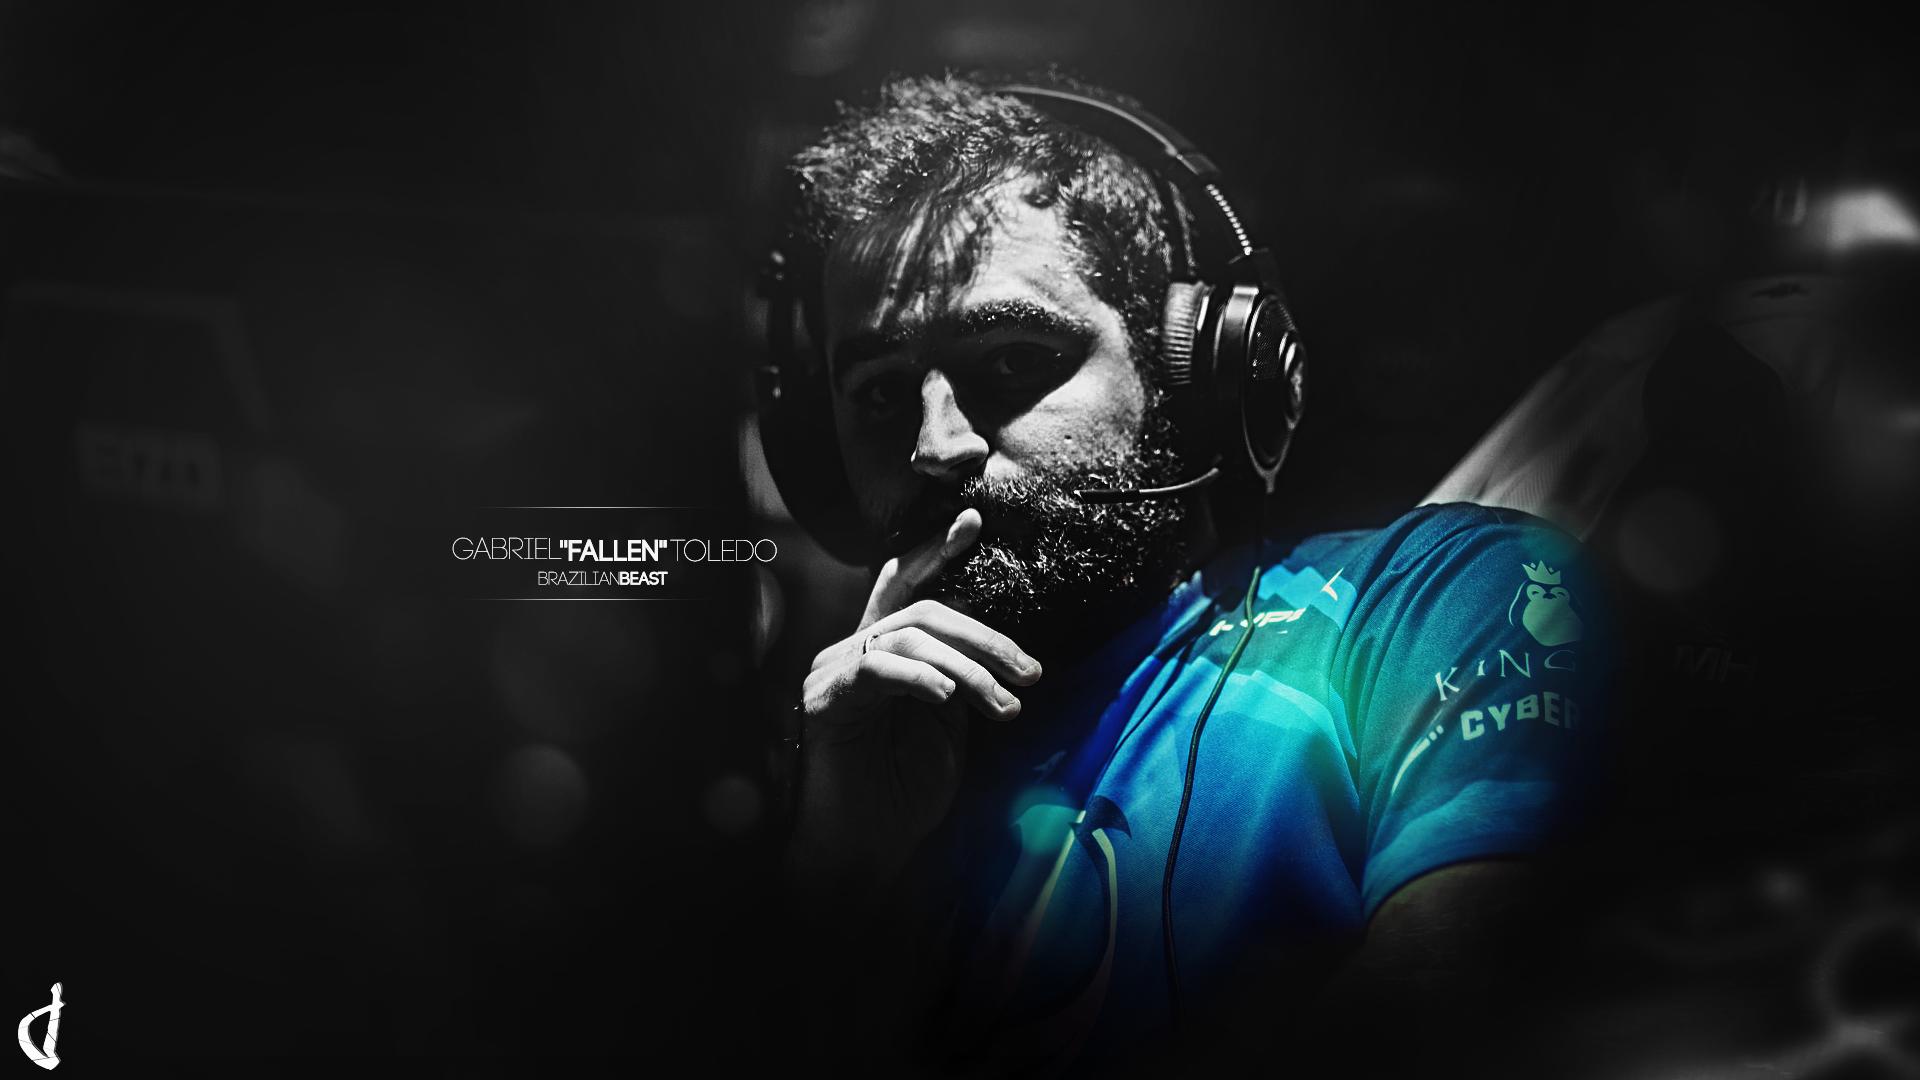 Gabriel_fallen_Toledo_the_brazilian_beast